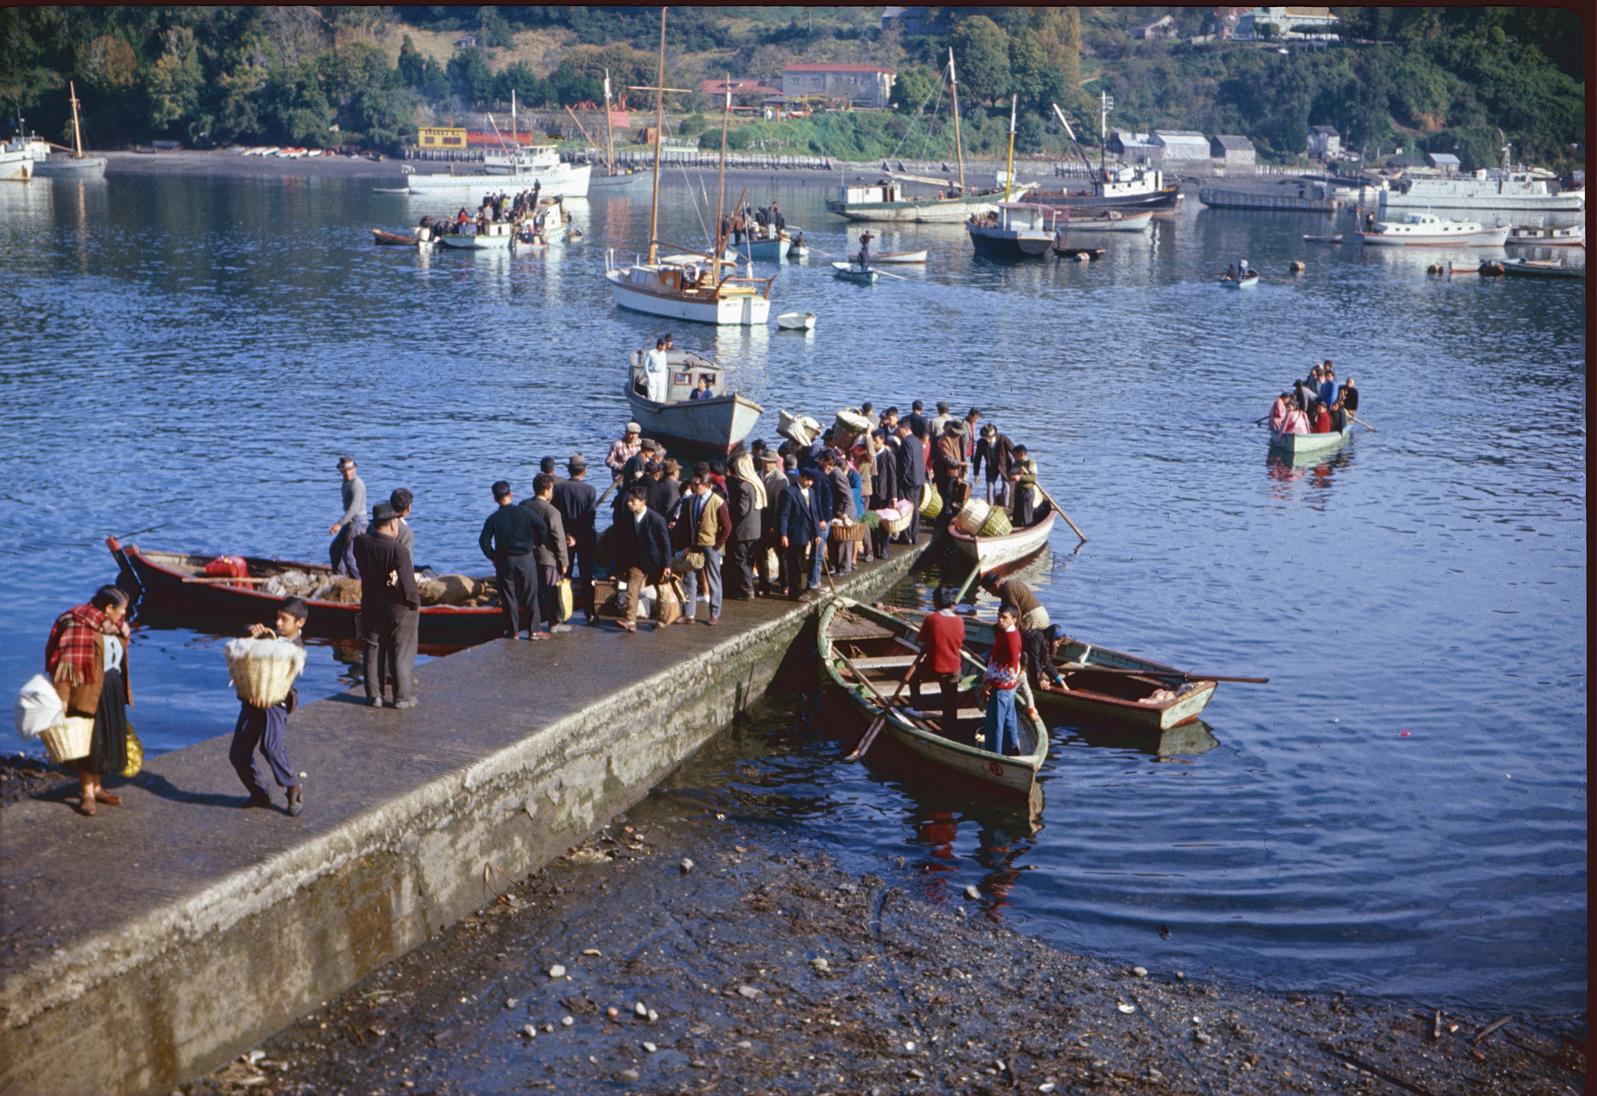 Enterreno - Fotos históricas de chile - fotos antiguas de Chile - Angelmó, Puerto Montt en los años 60s